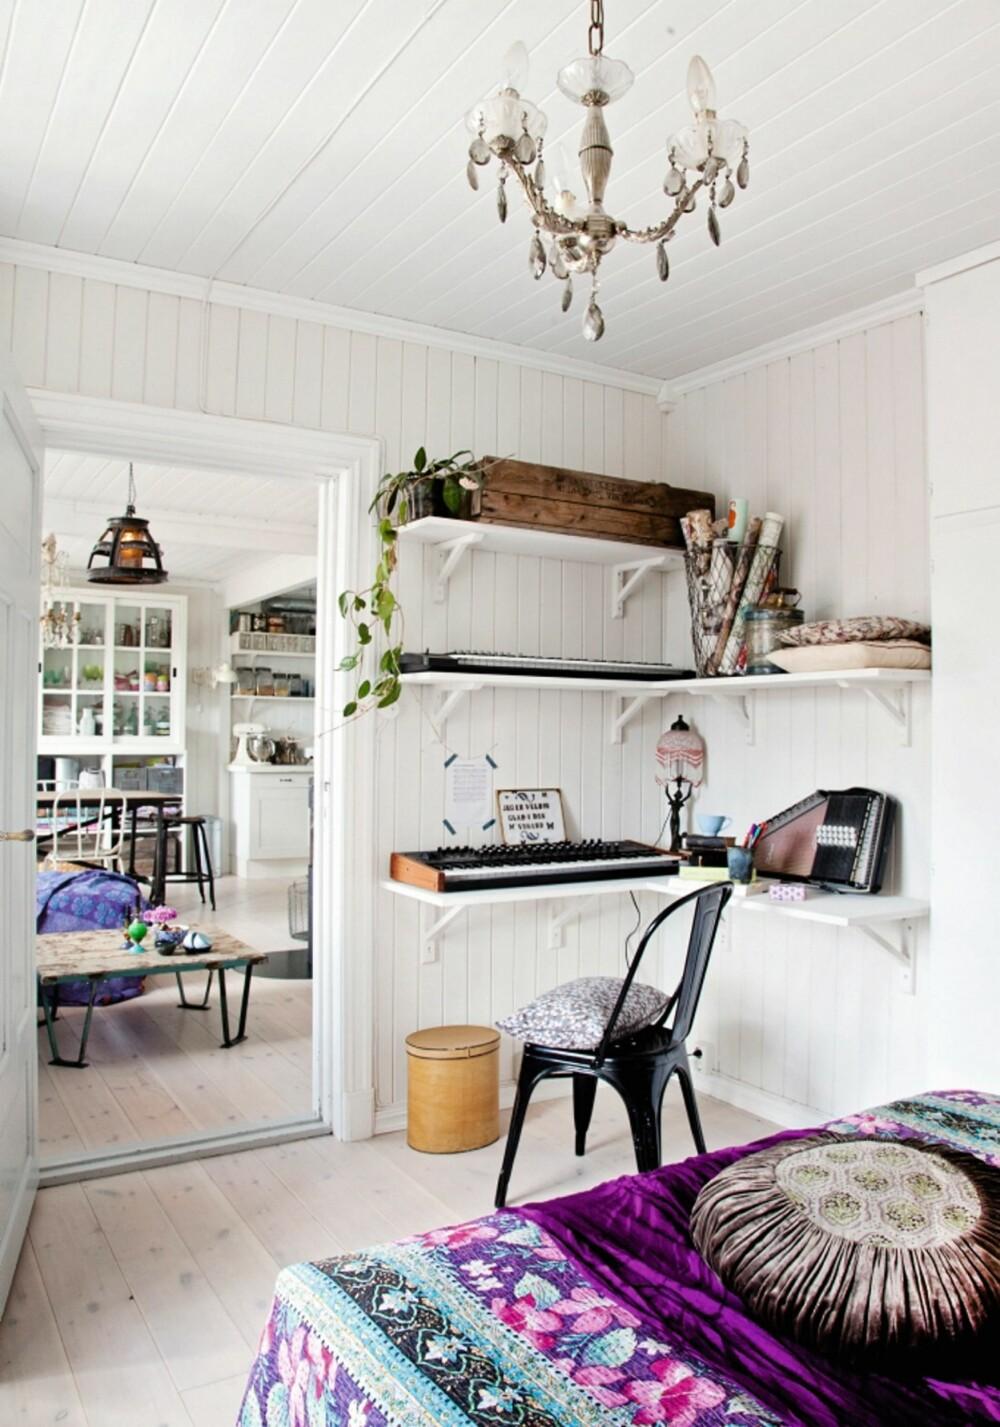 HOBBYHJØRNE: På soverommet er det laget et lite musikkhjørne ved hjelp av hyller på veggen med plass til instrumenter. Tolix-stolen er fra et bruktmarked.